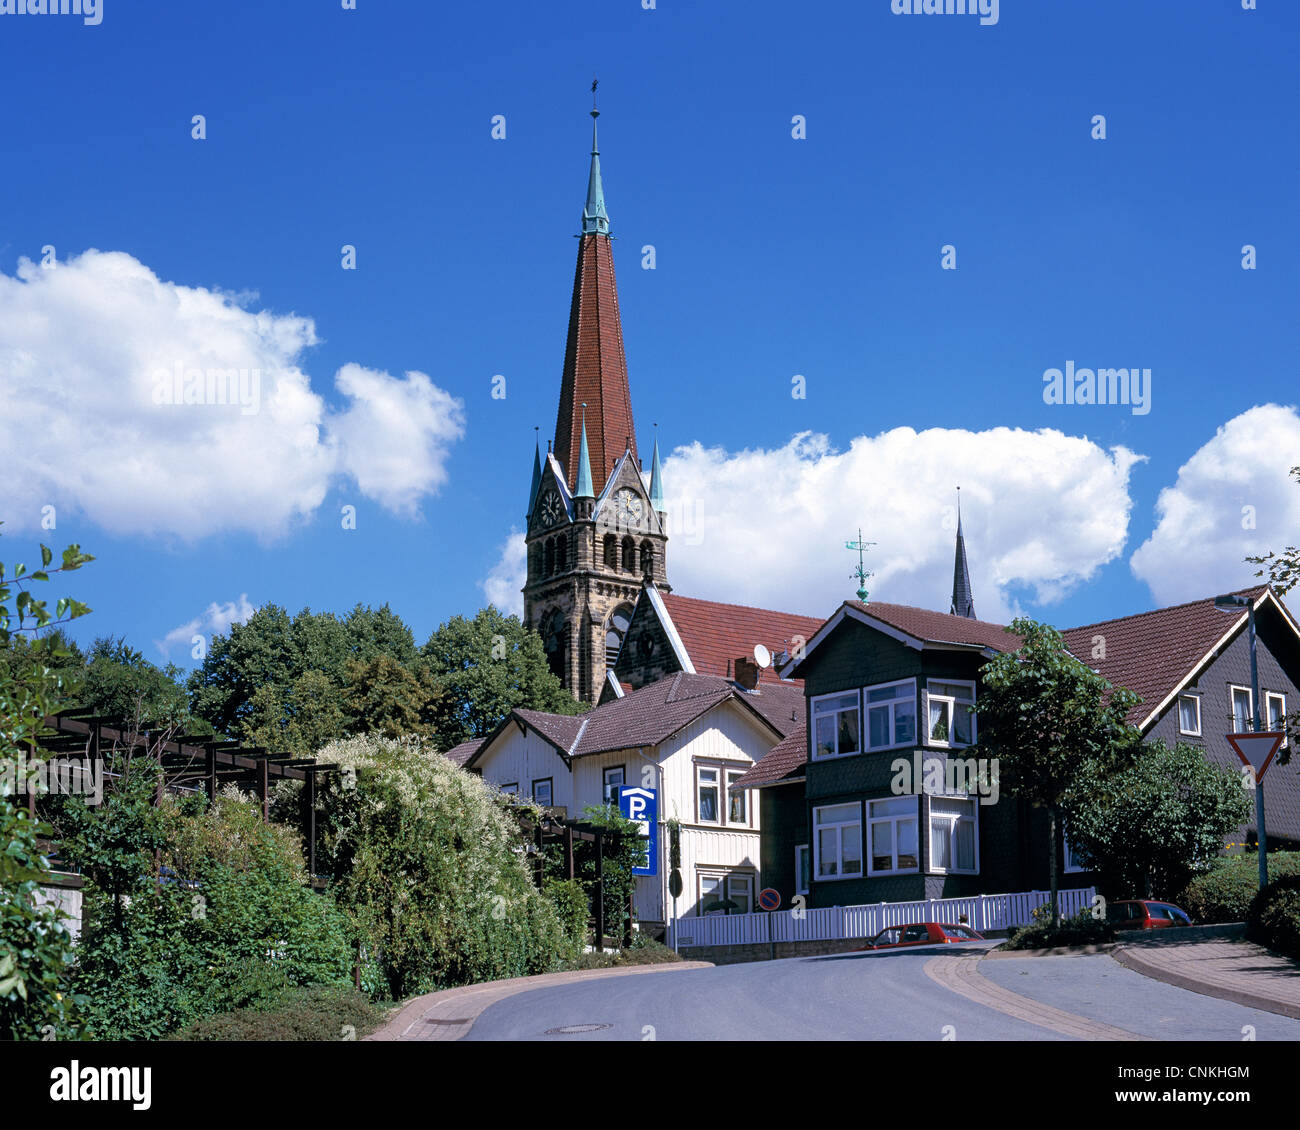 38667 Niedersachsen - Bad Harzburg